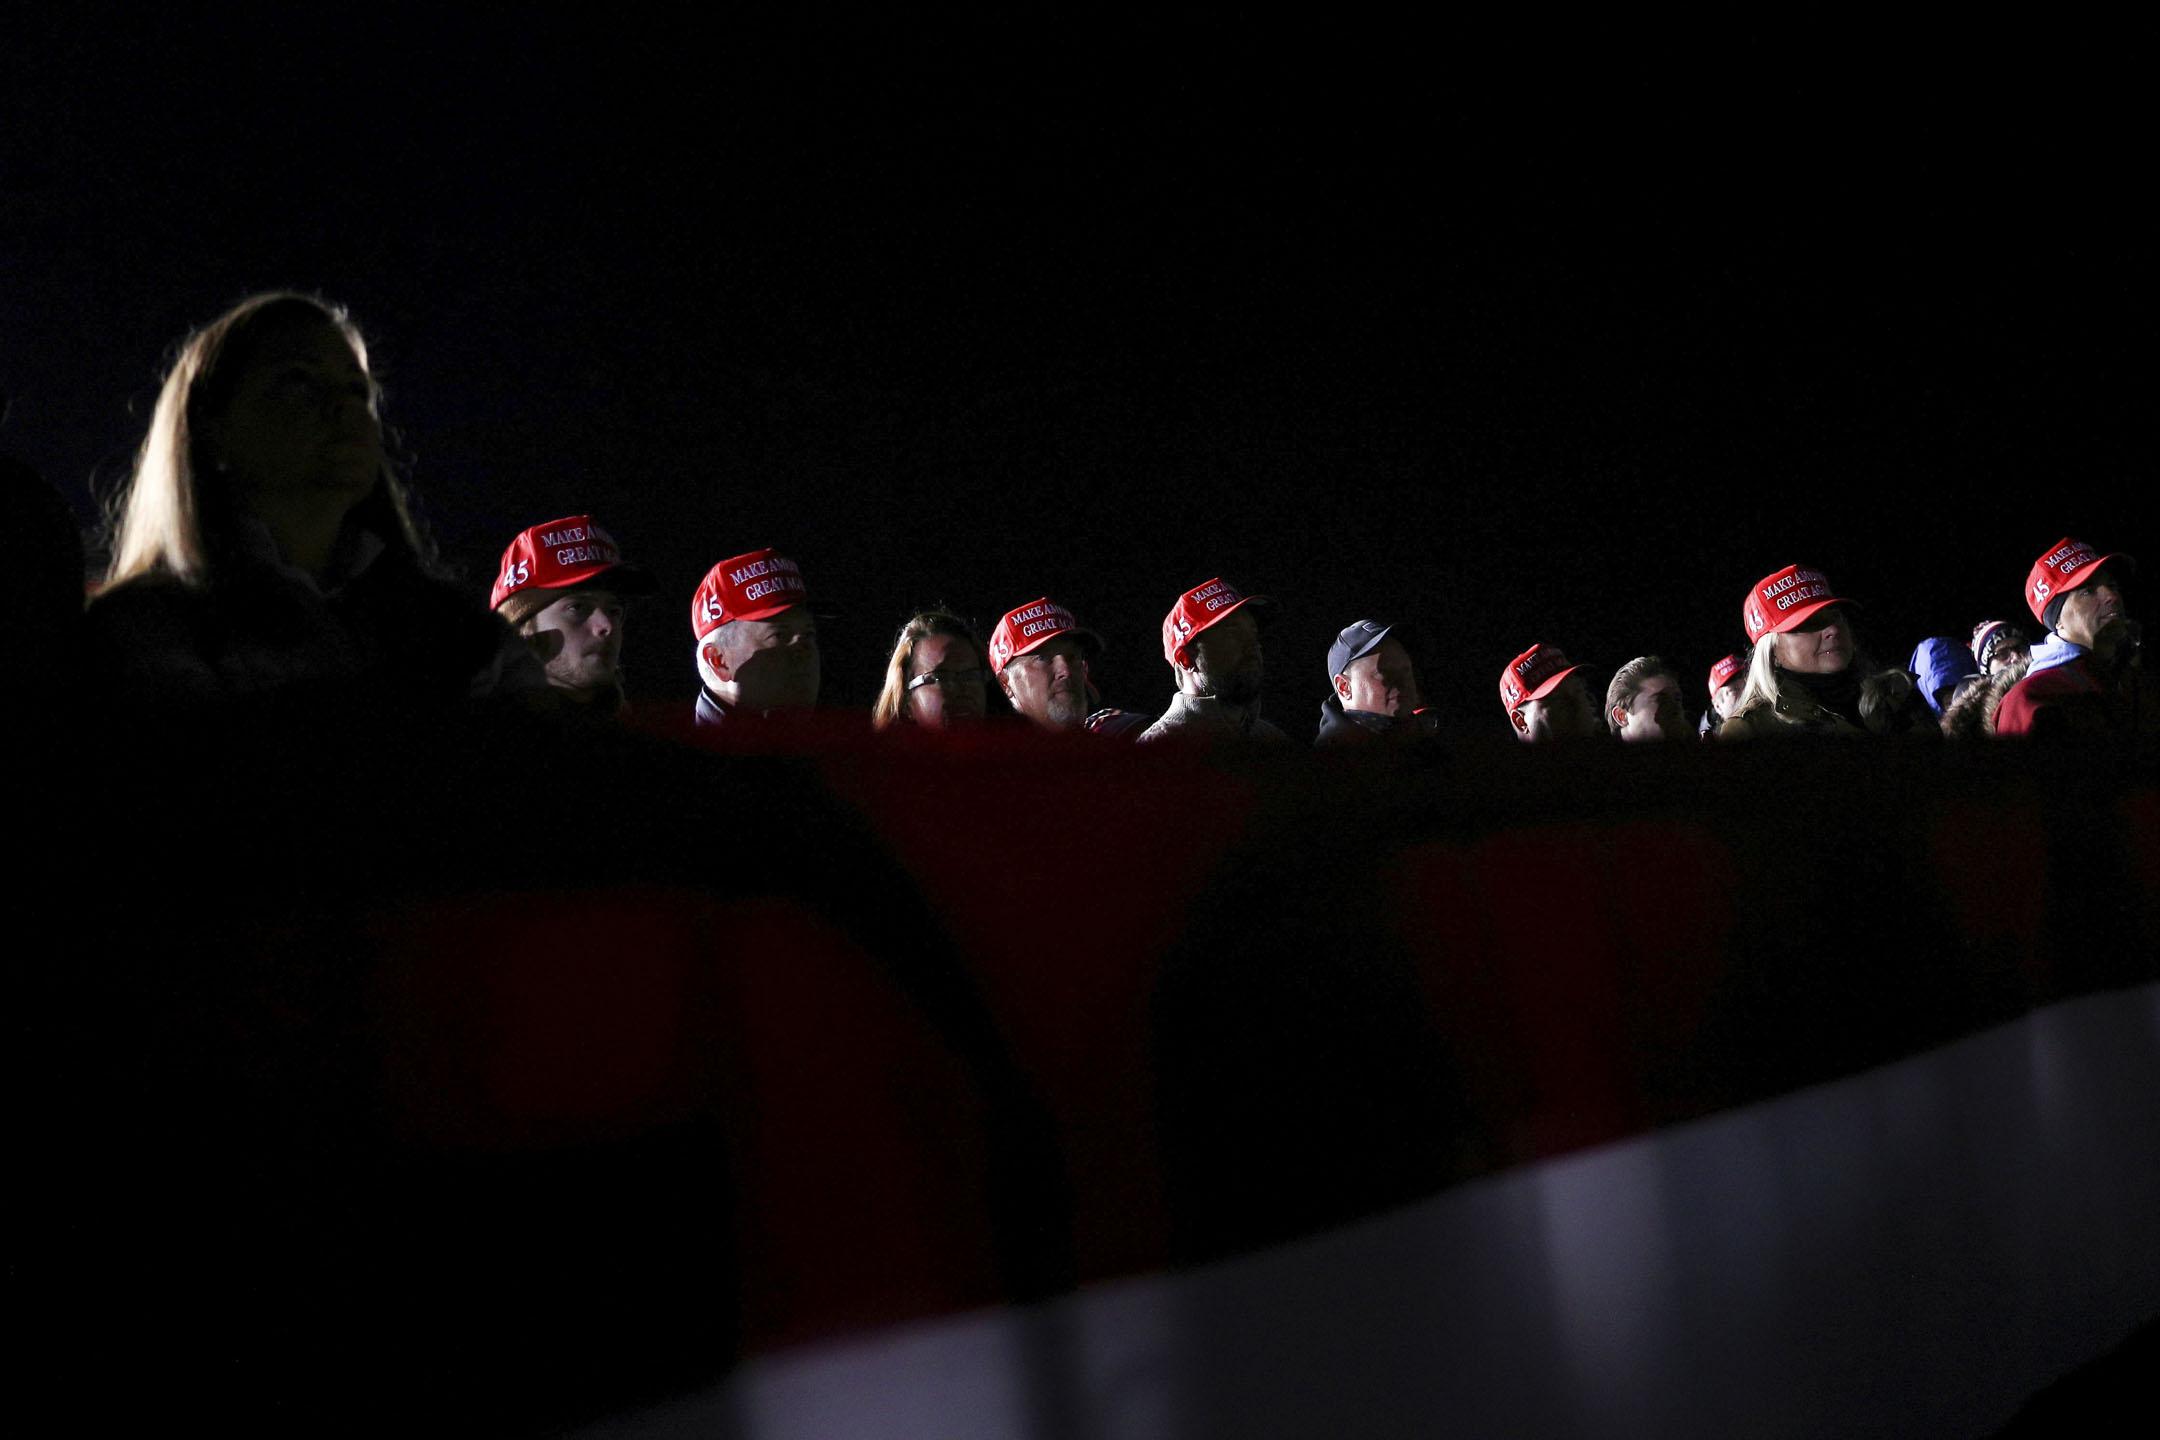 2020年10月24日美國威斯康星州沃克夏,觀眾在競選活動上觀看美國總統特朗普。 攝:Tom Brenner/Reuters/達志影像